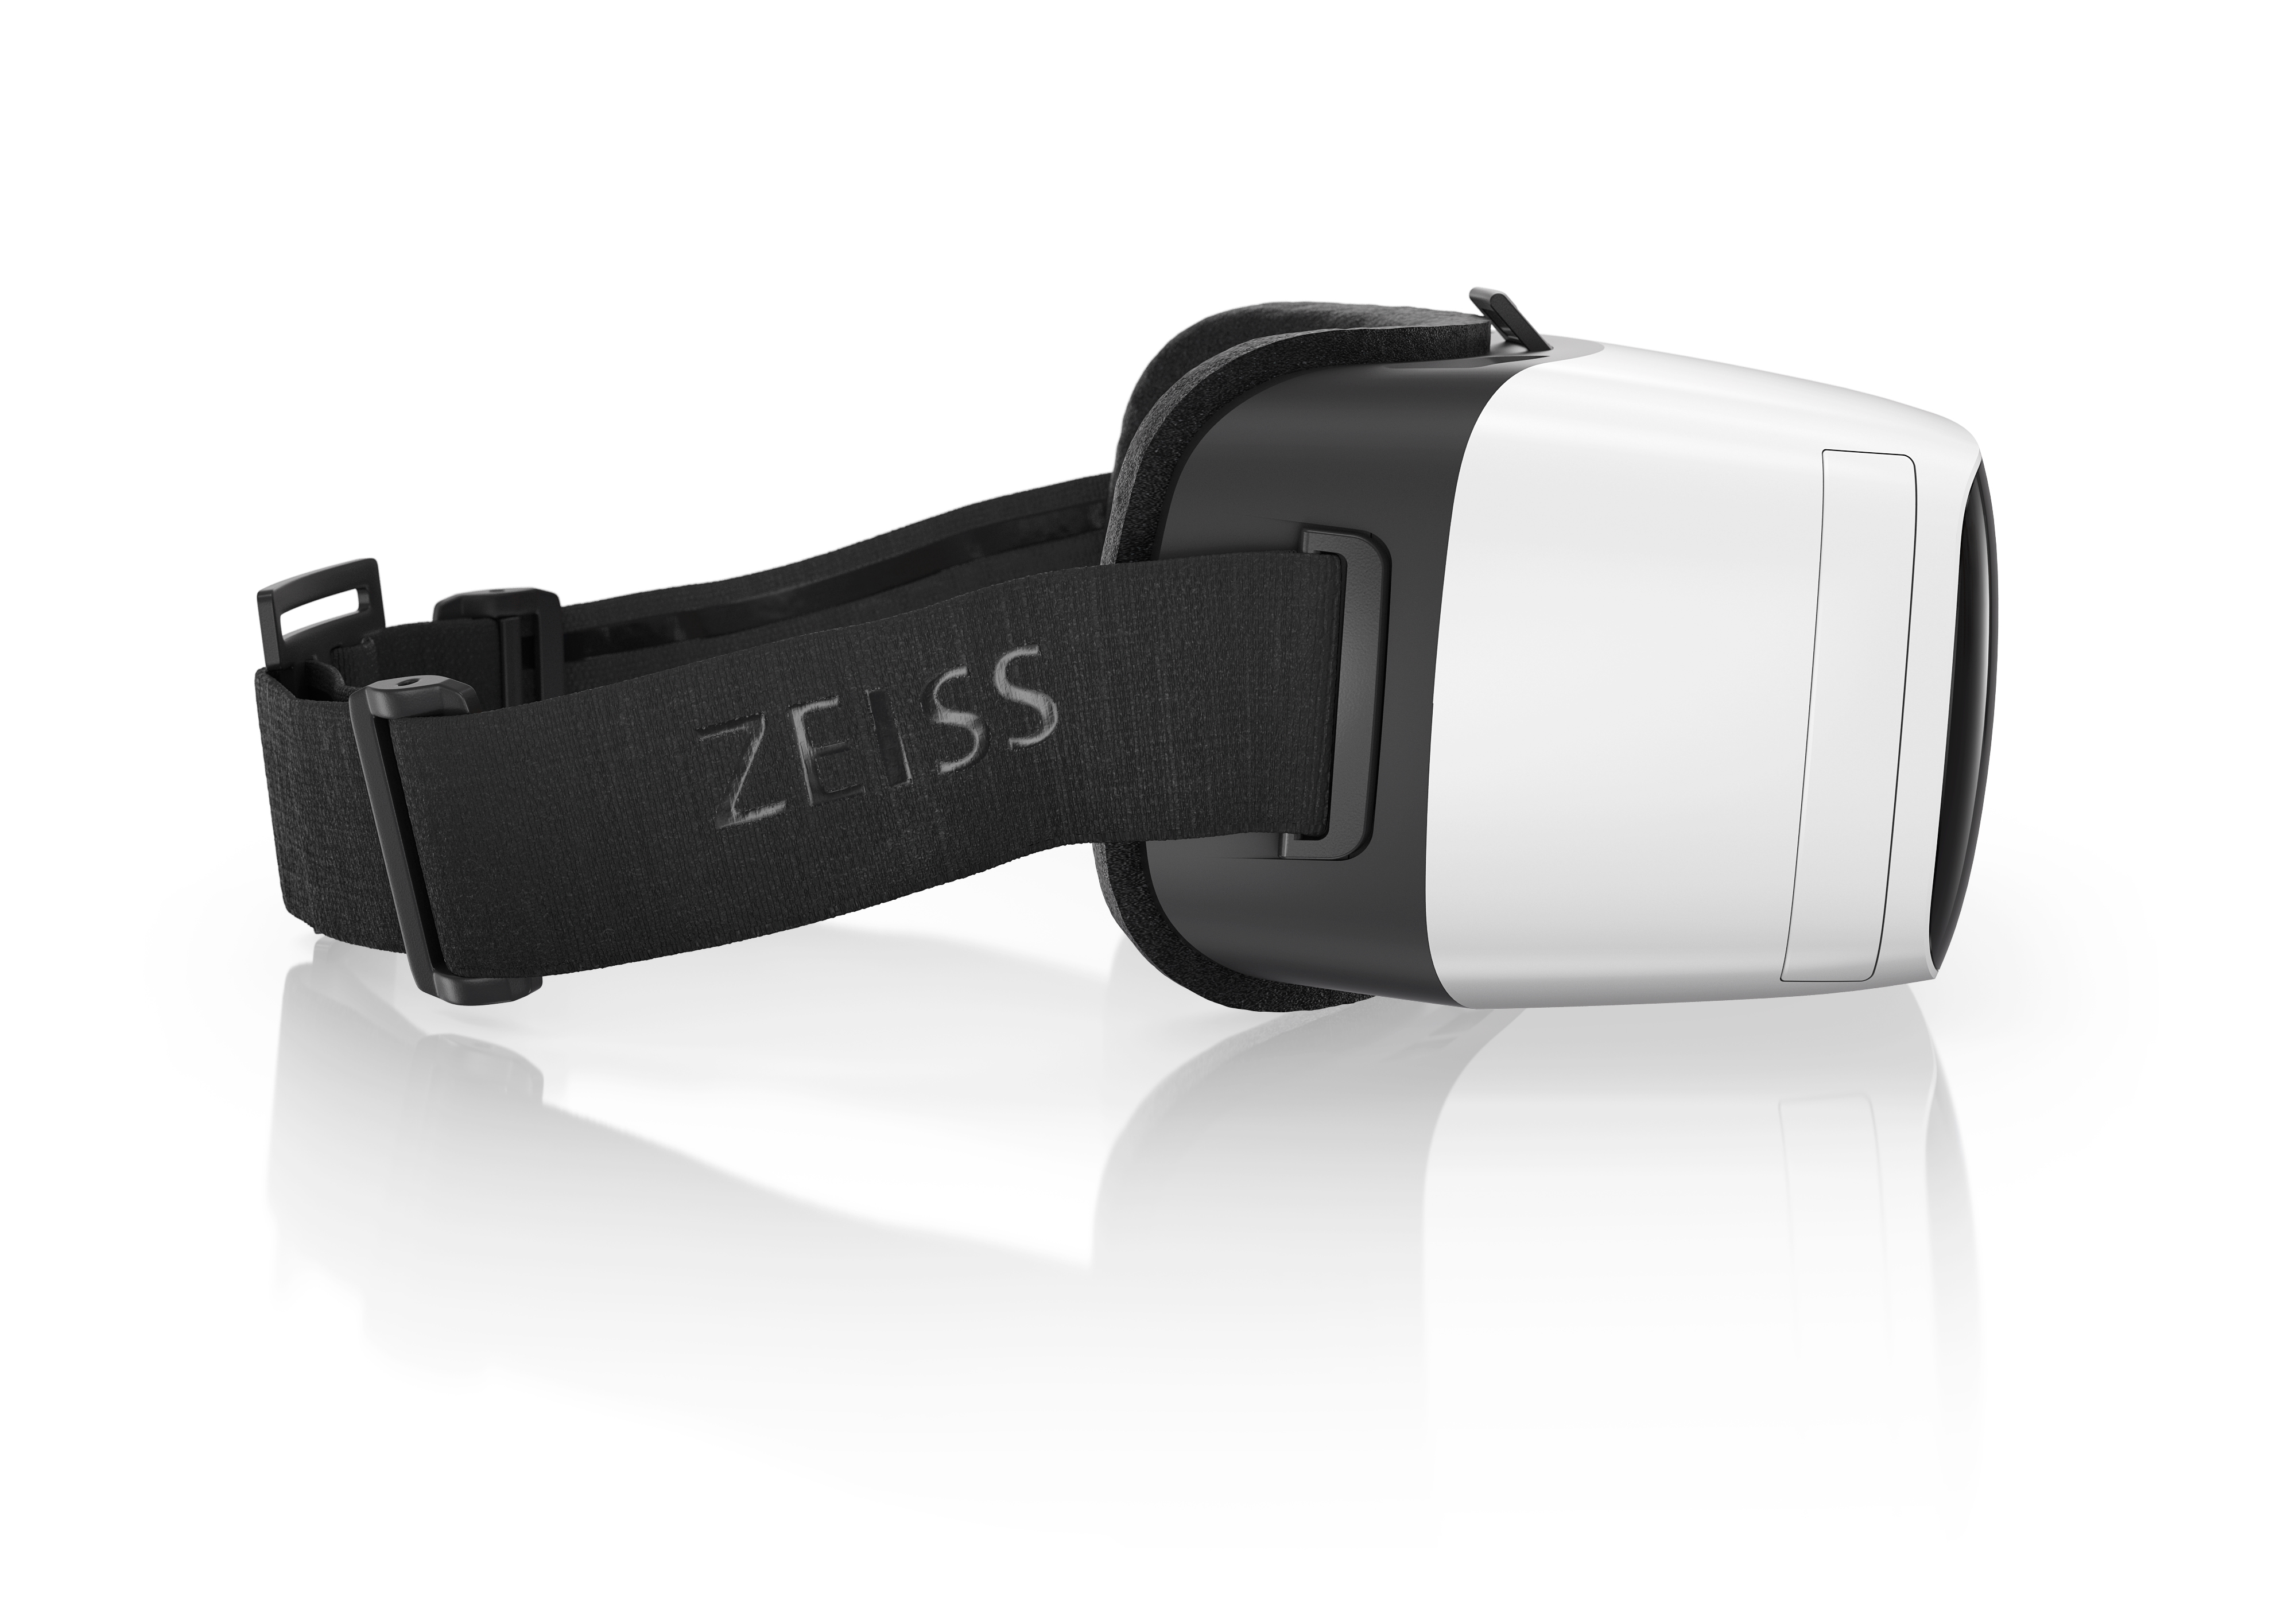 ZEISS VR ONE von der Seite